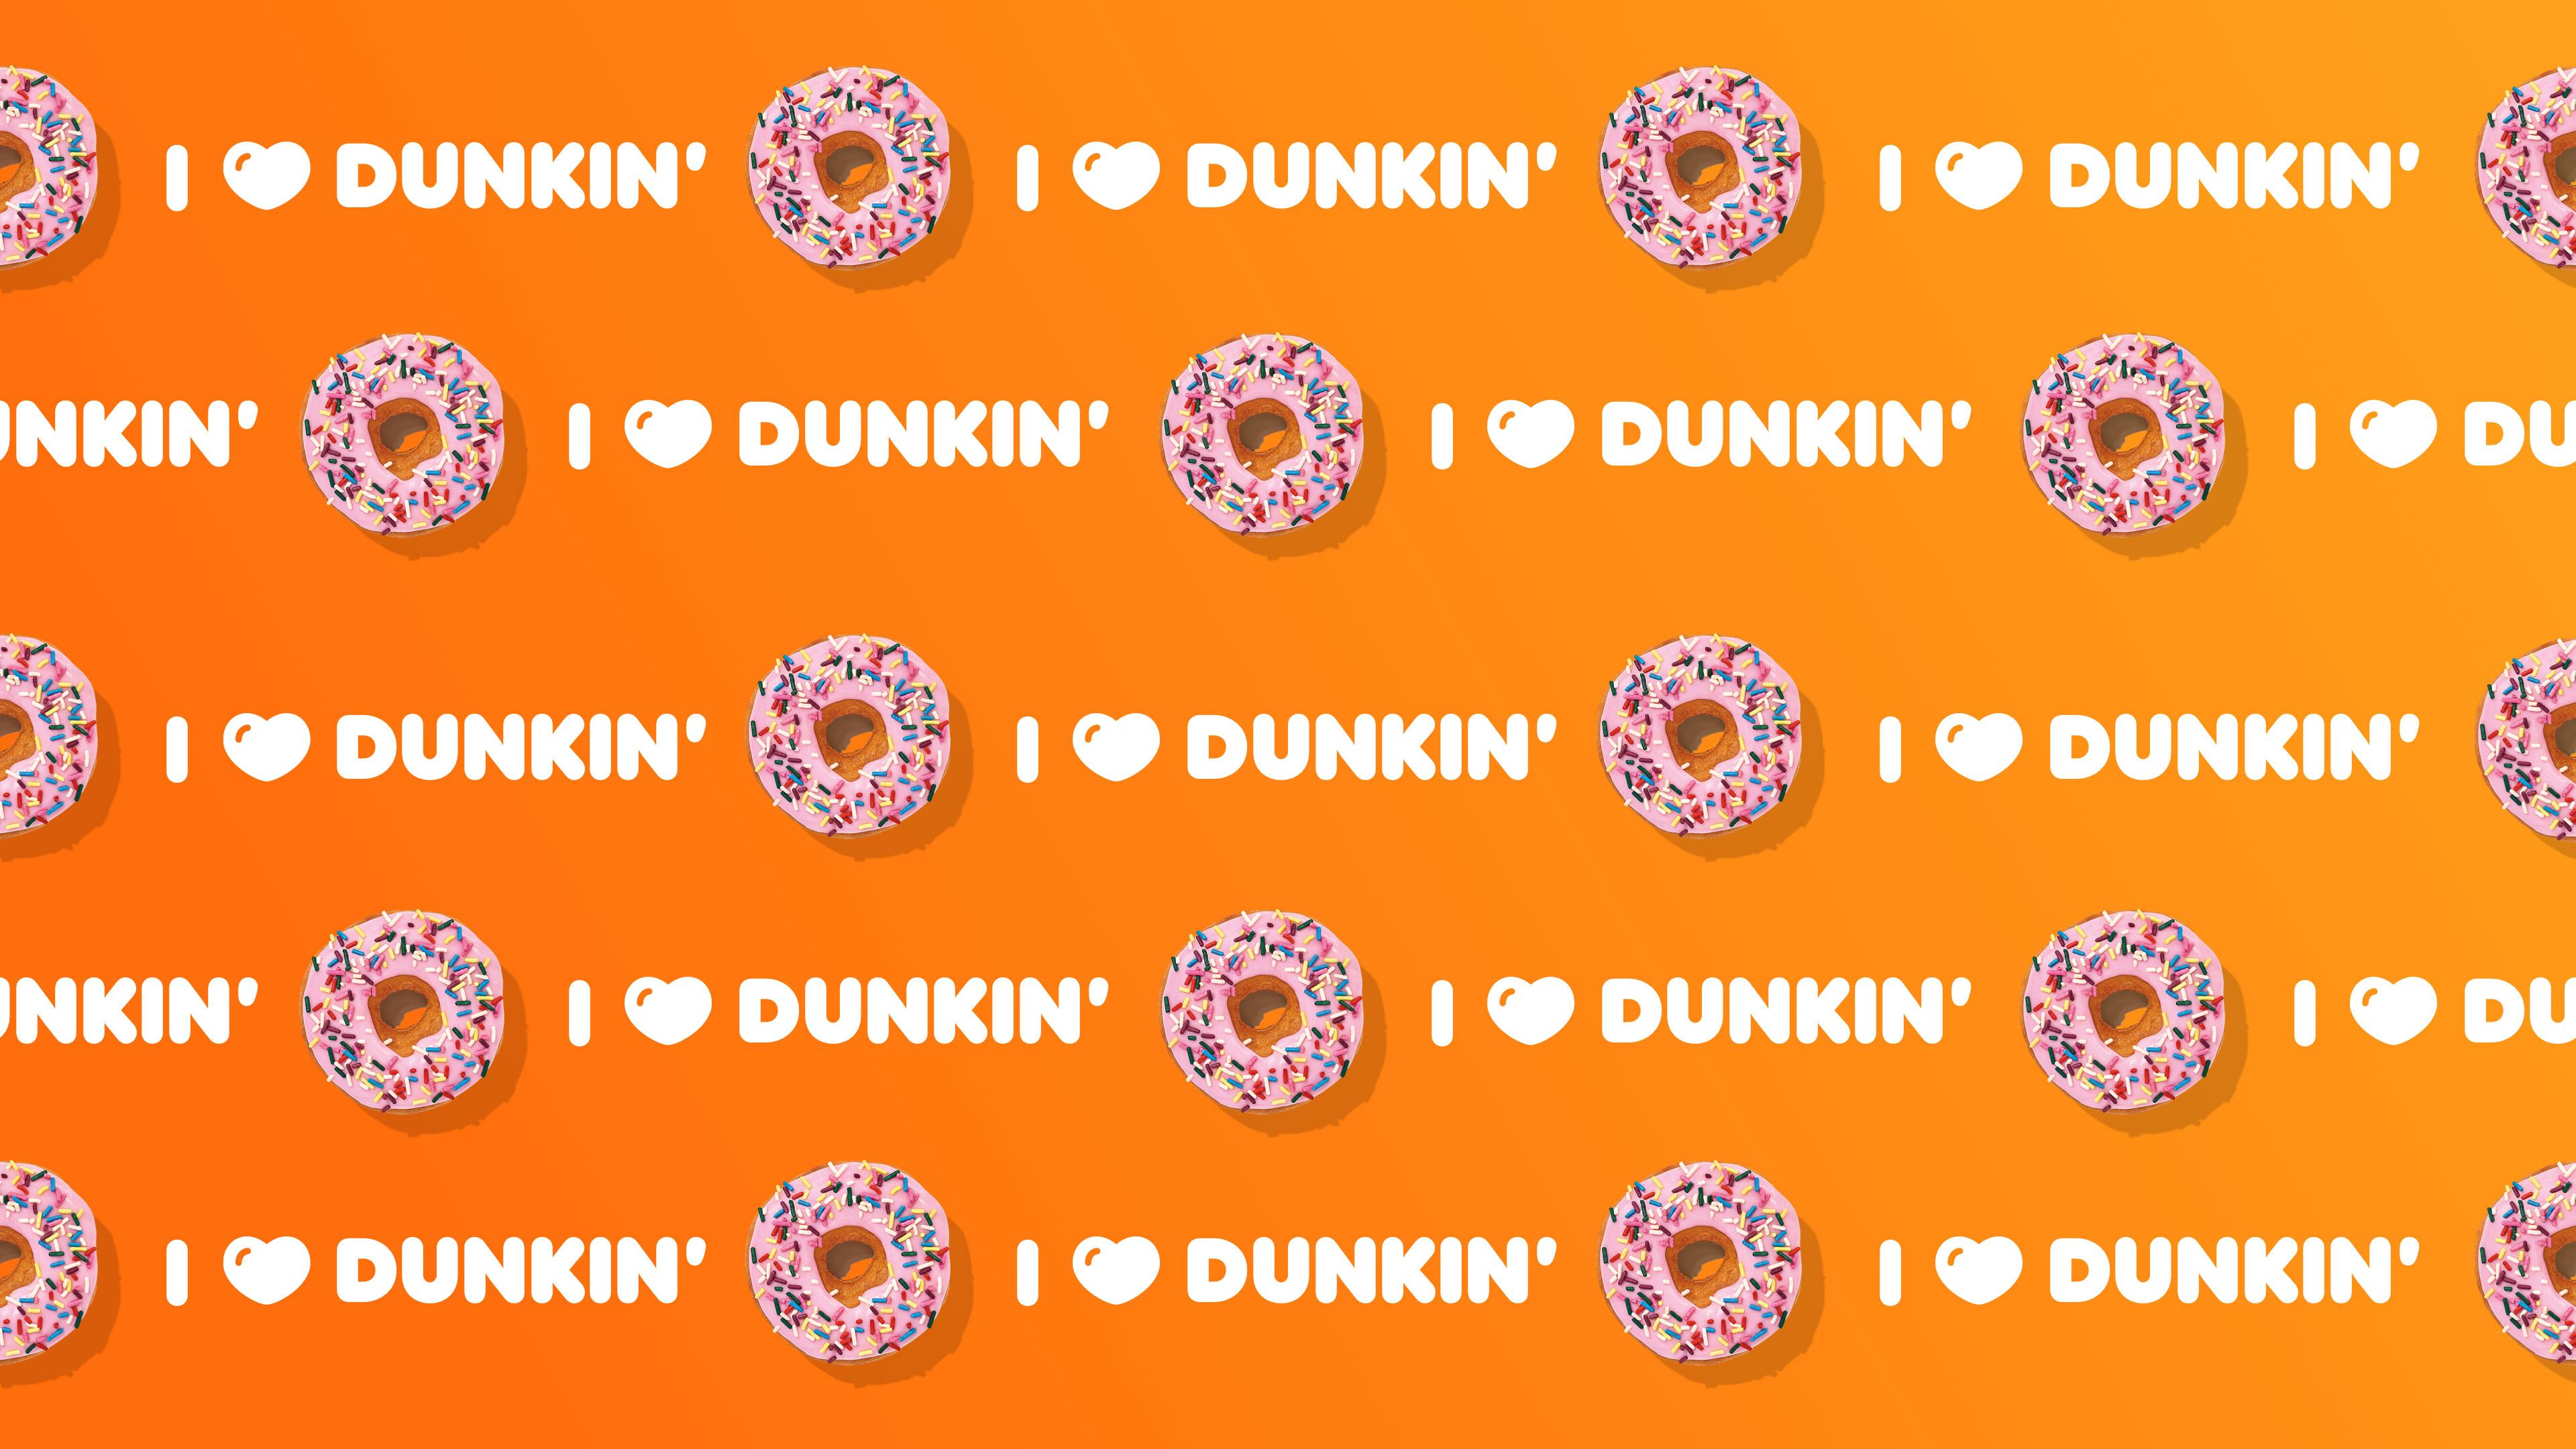 Dunkin-Love